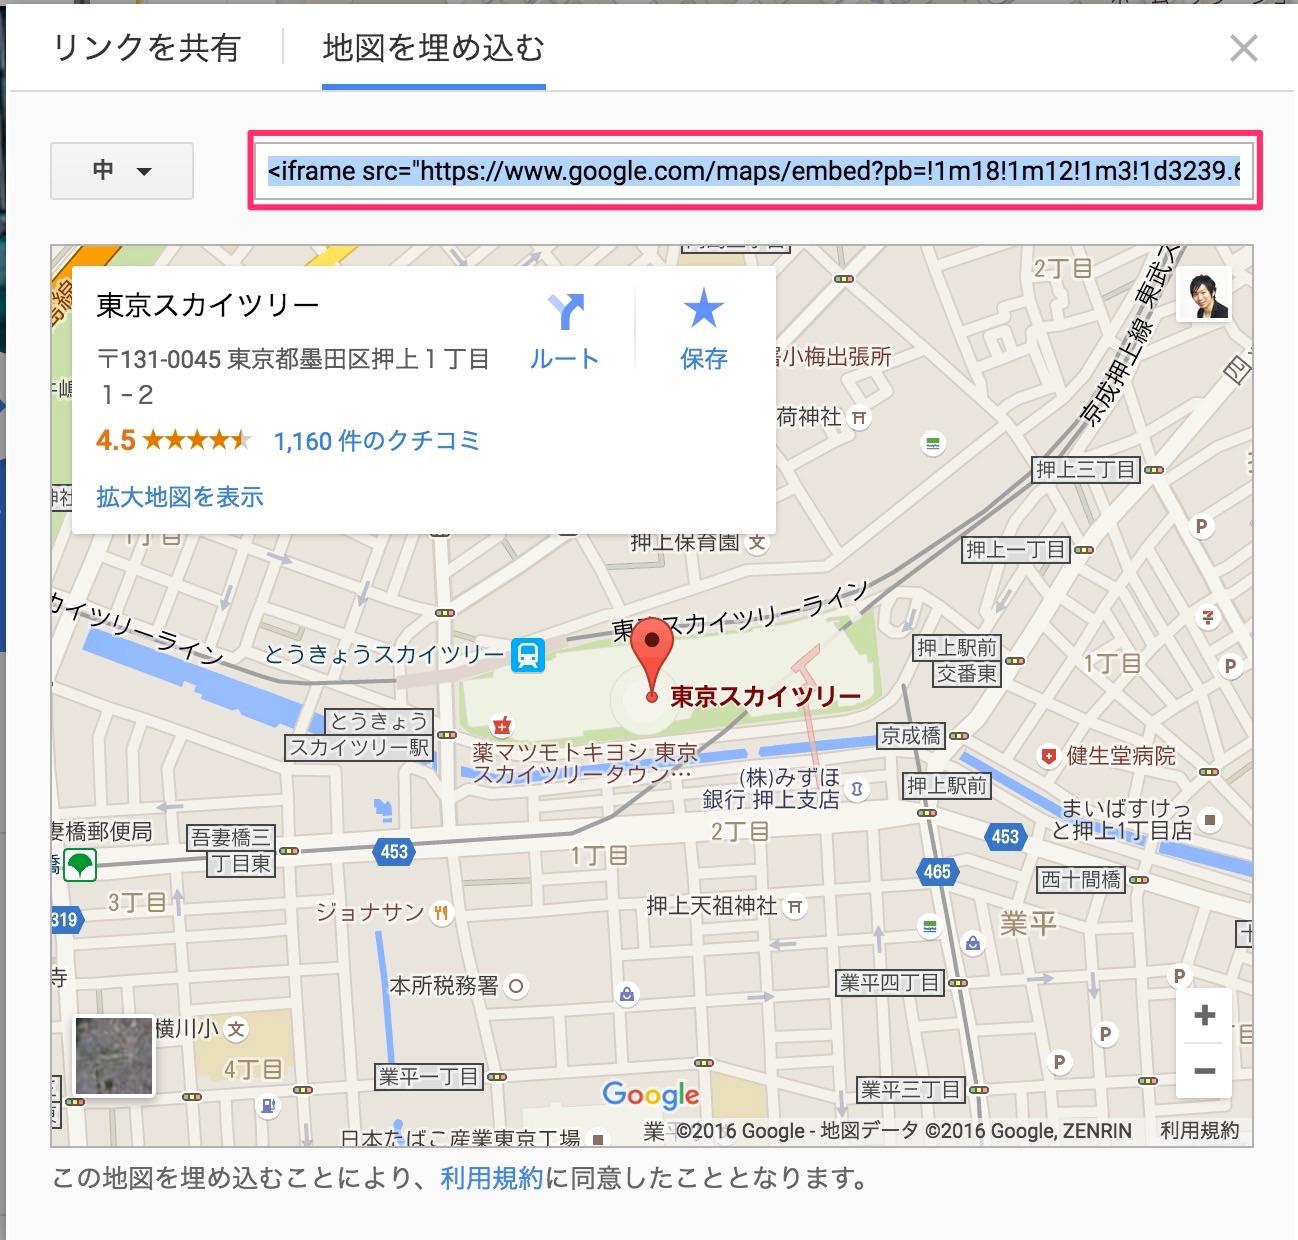 googlemap 埋め込み方法5